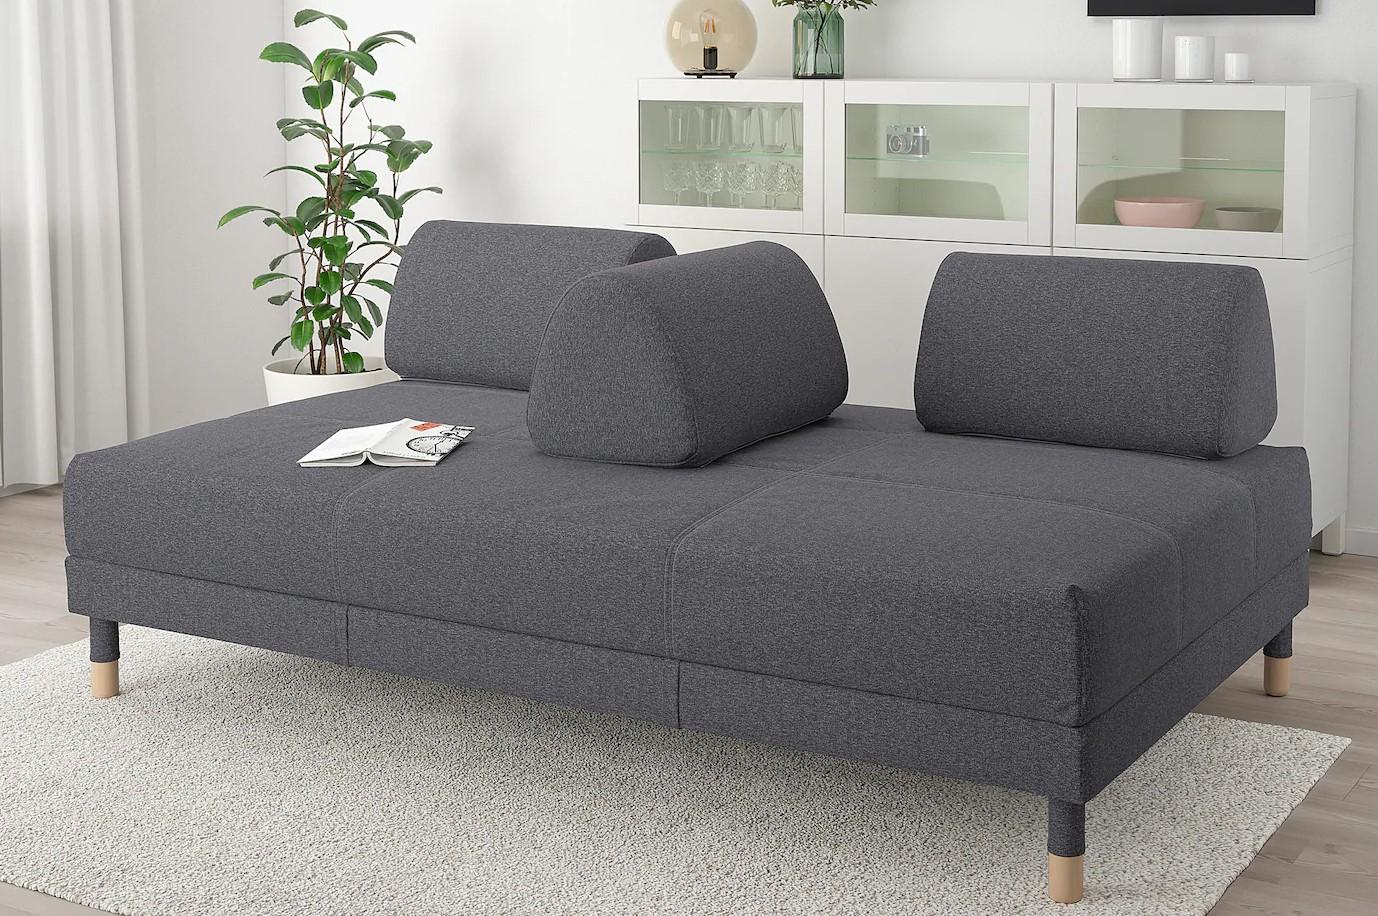 Canape Convertible Ikea 30 Modeles Pratiques Et Confort Pour Votre Salon